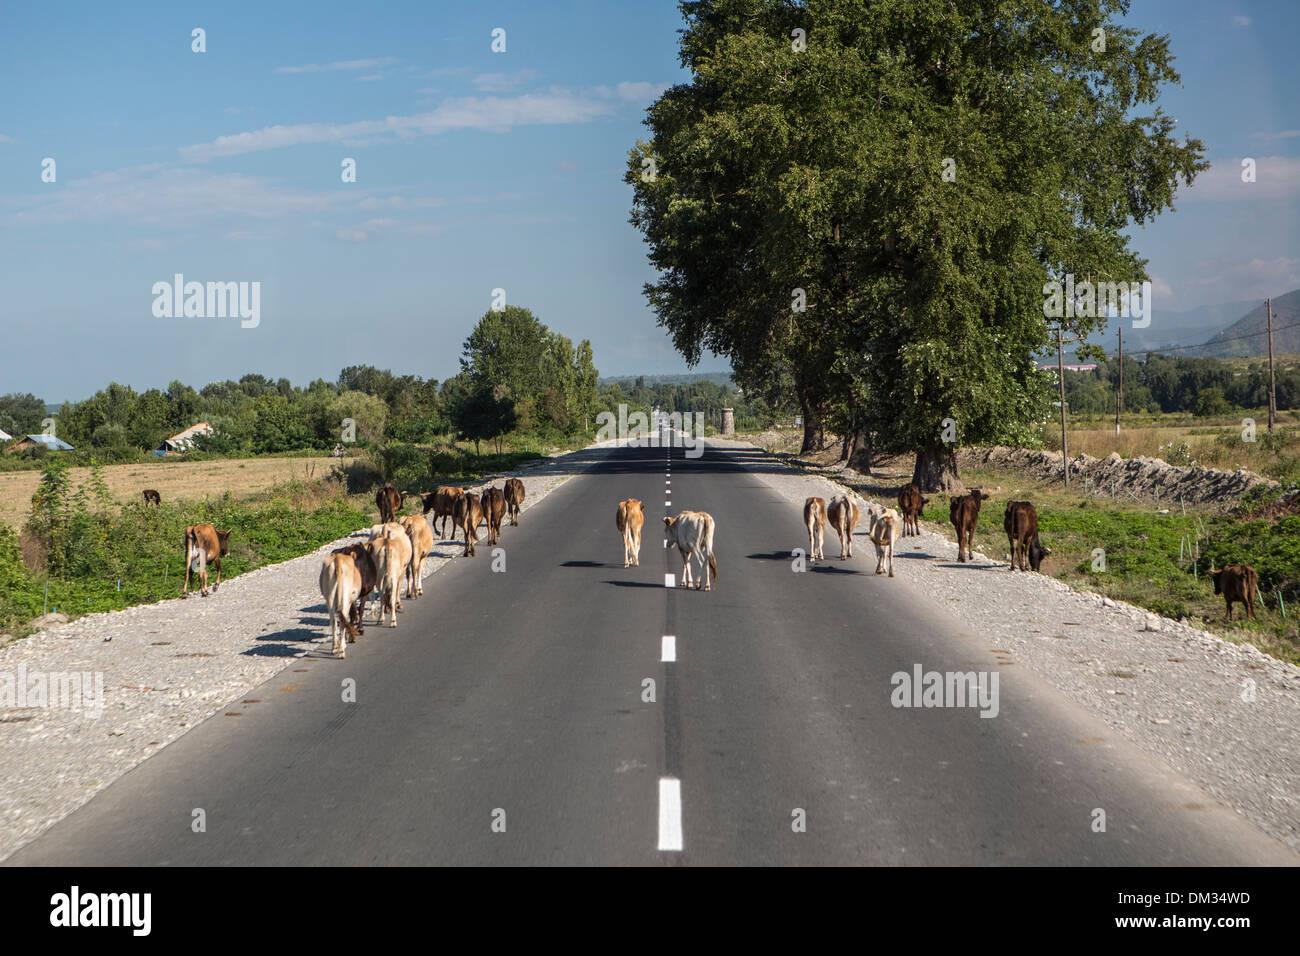 Azerbaijan, Caucasus, Eurasia, Balakan, Border, cows, road, traffic, street, rural - Stock Image